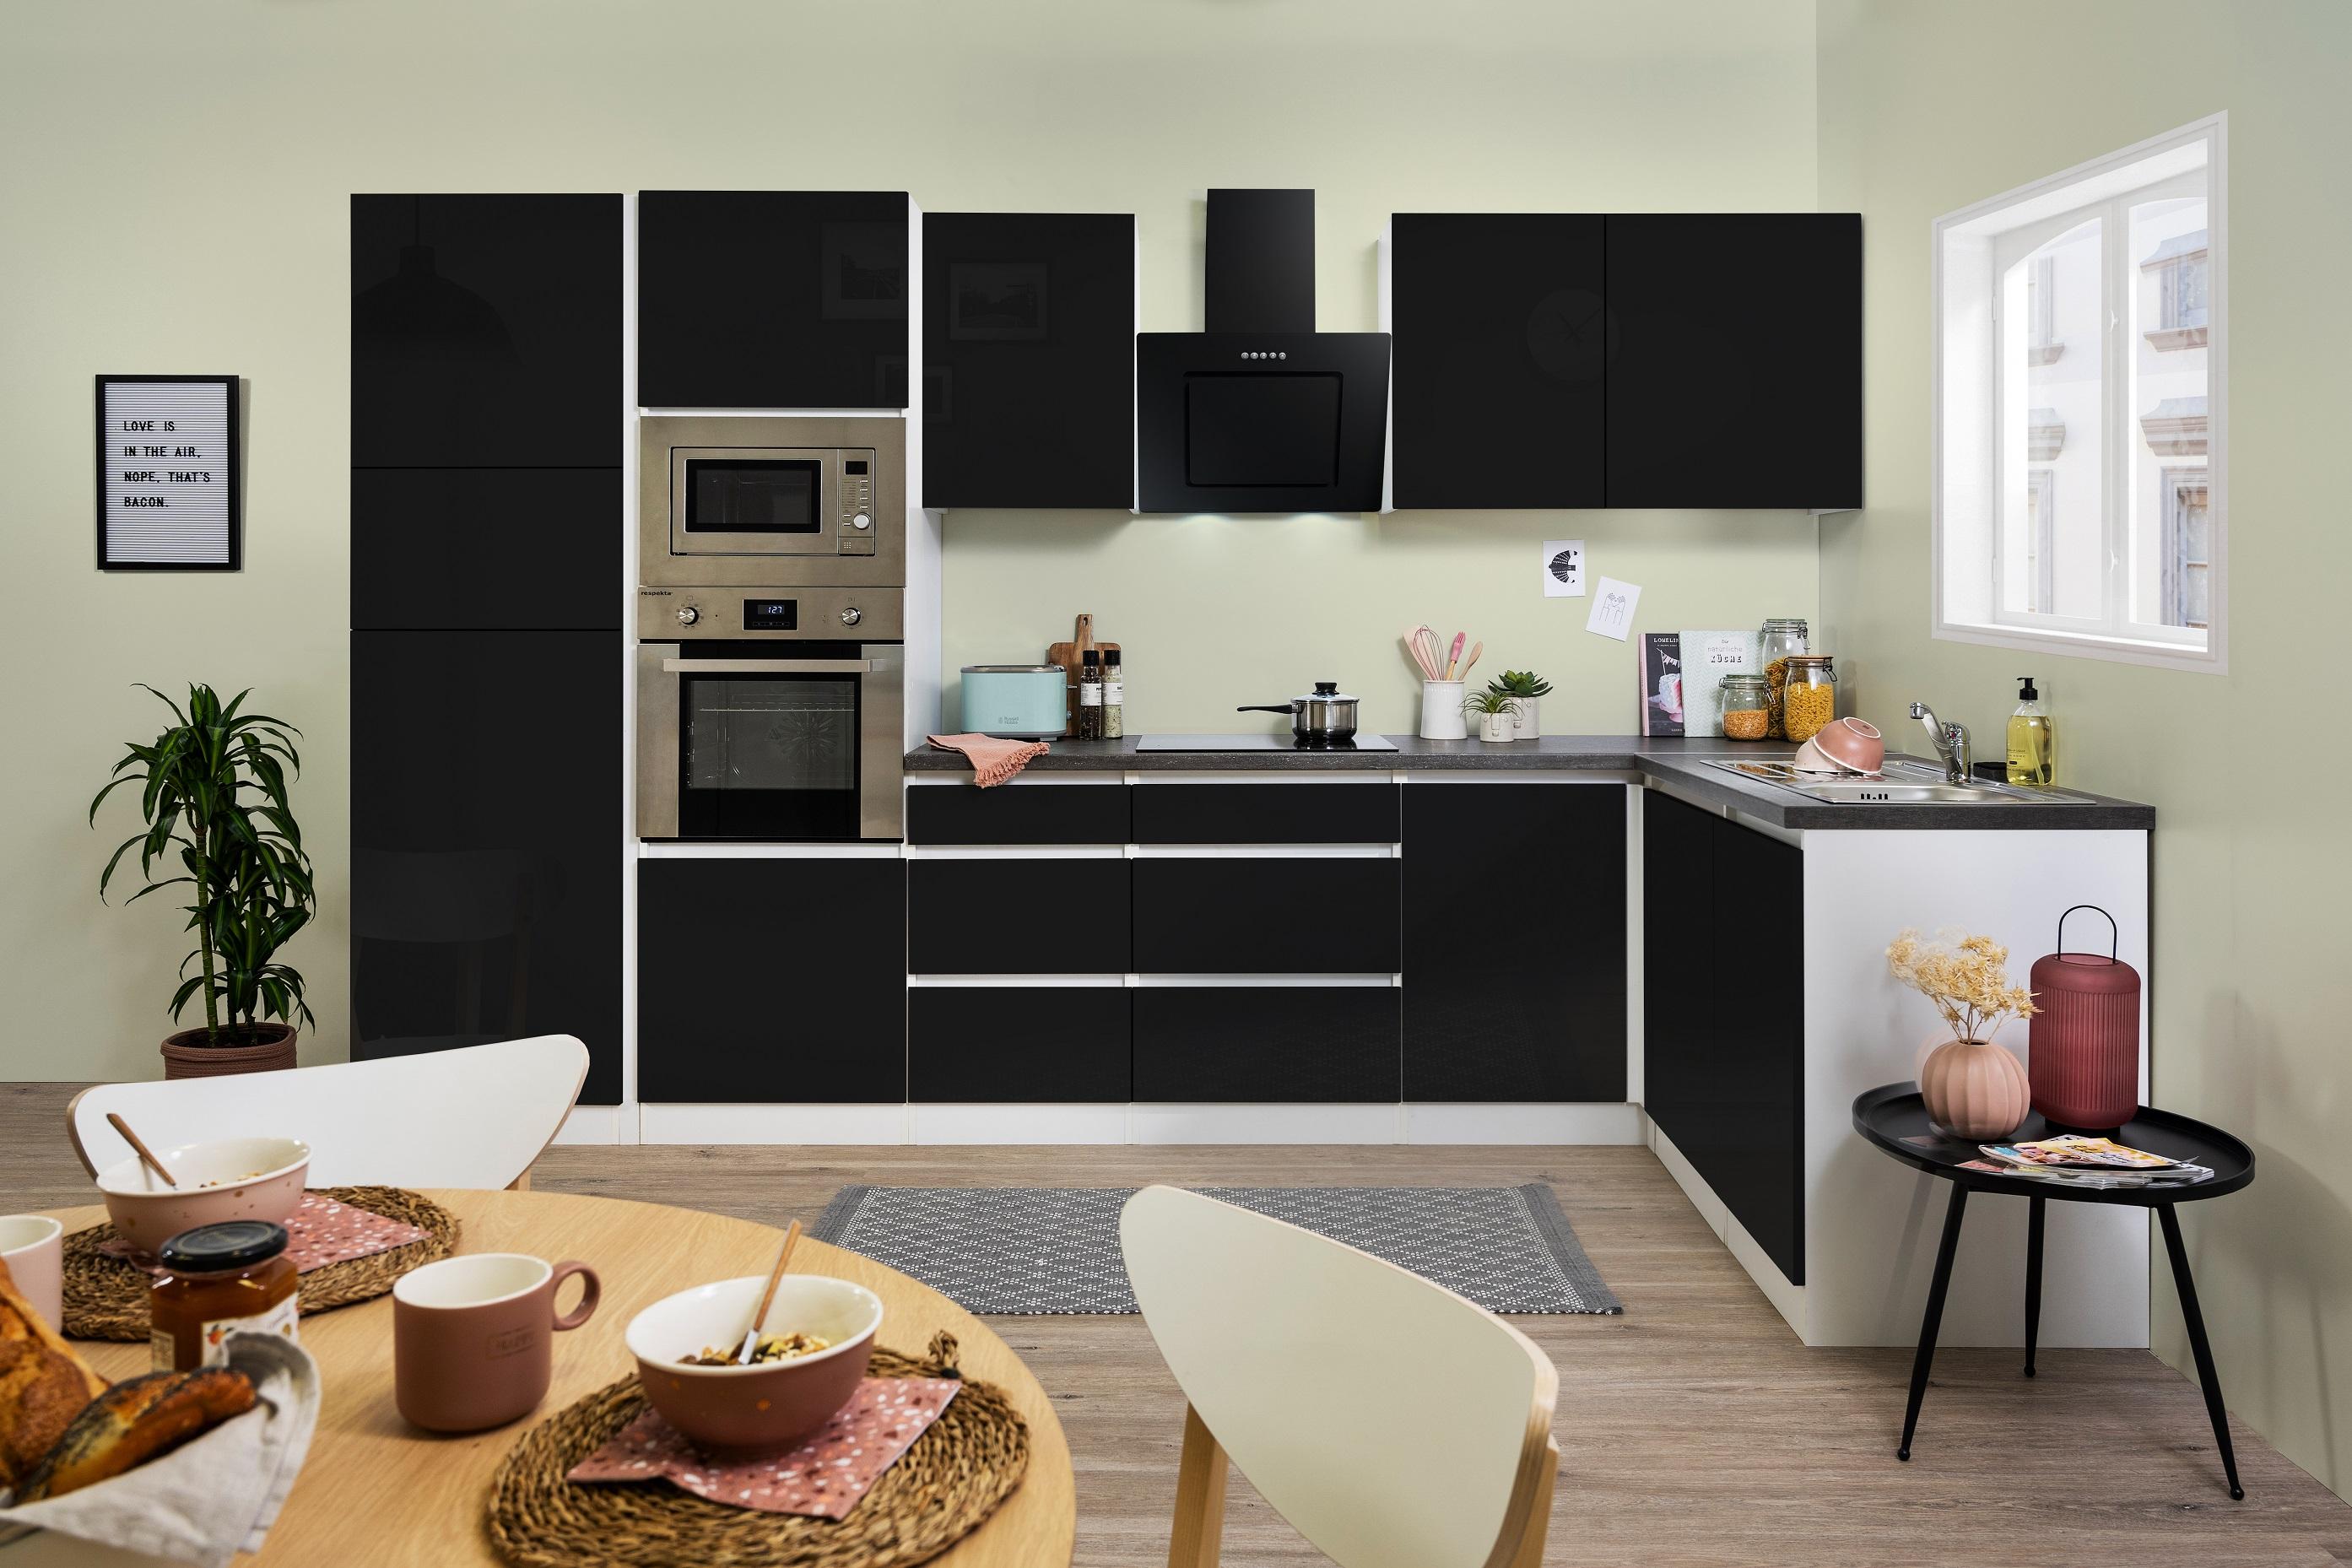 Winkelküche Küchenzeile Küche L-Form Küche grifflos schwarz 345x172 cm respekta